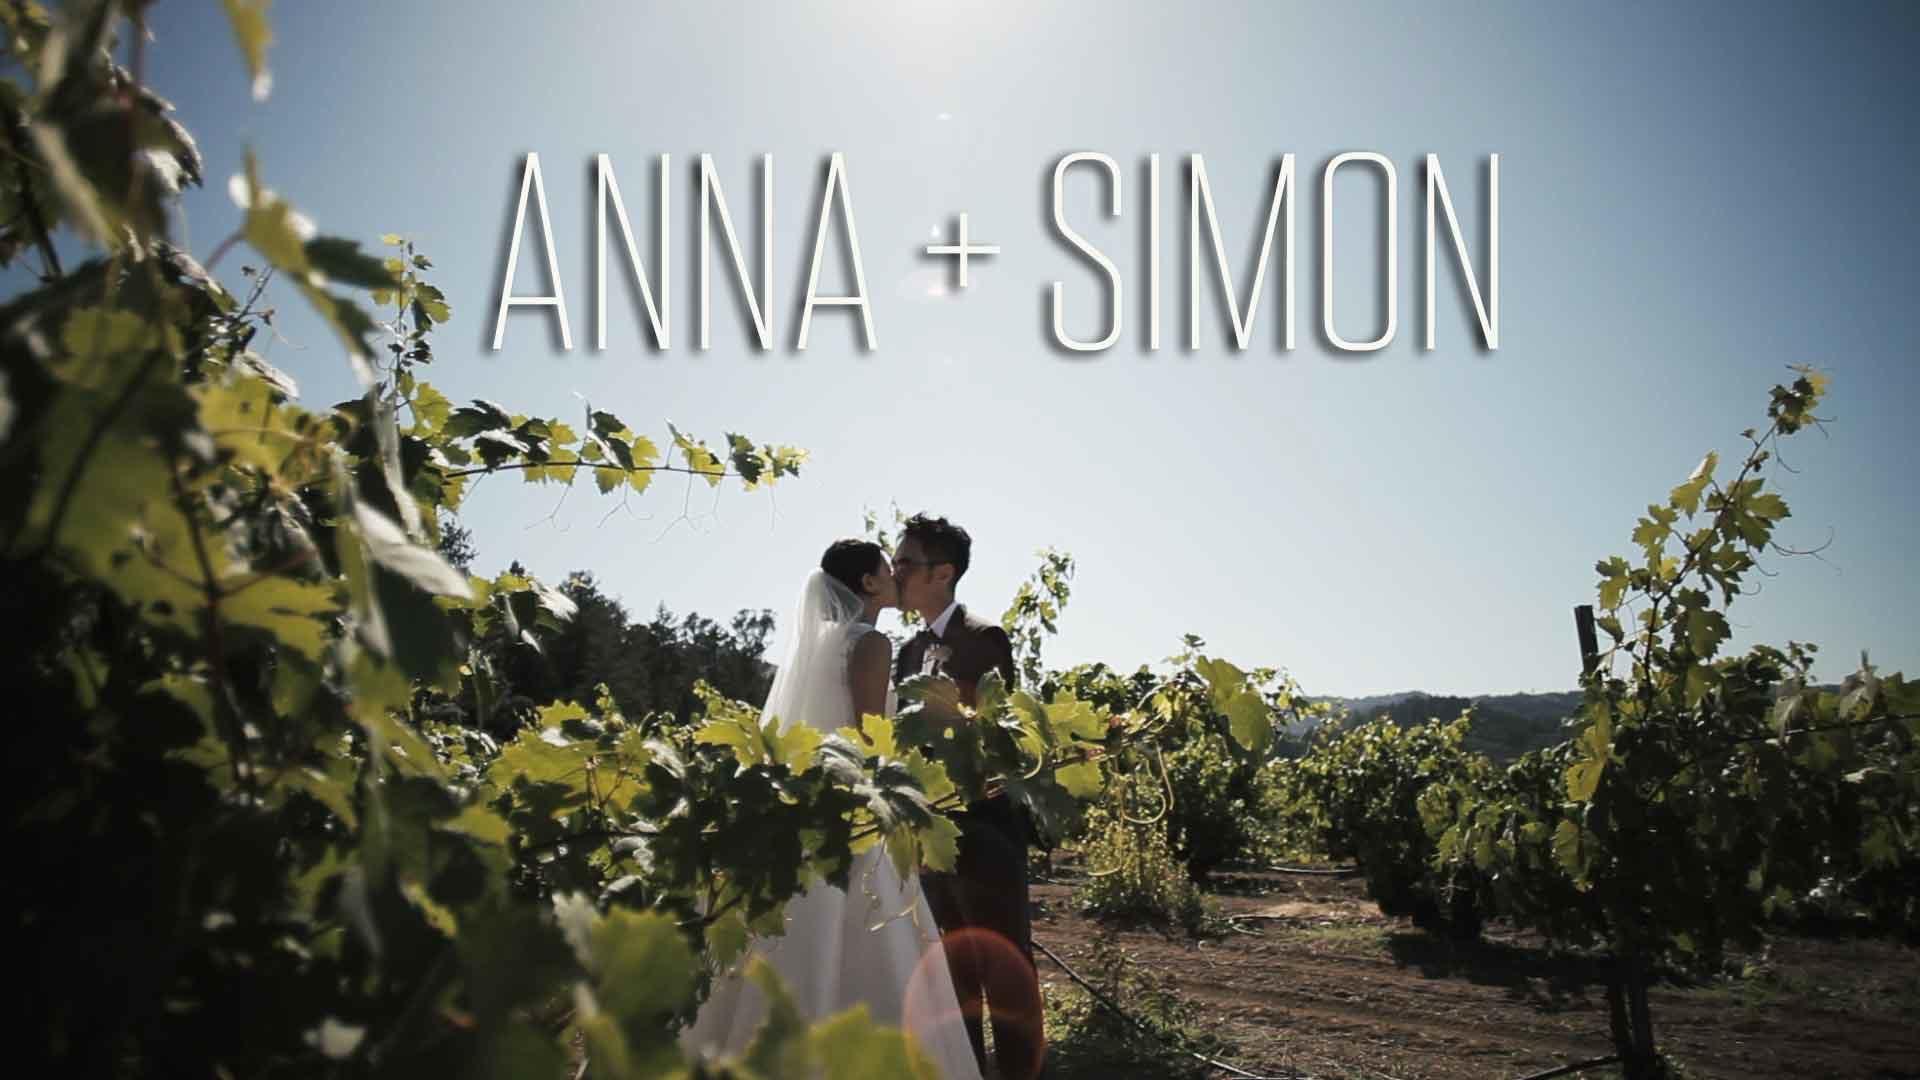 Anna + Simon Trailer